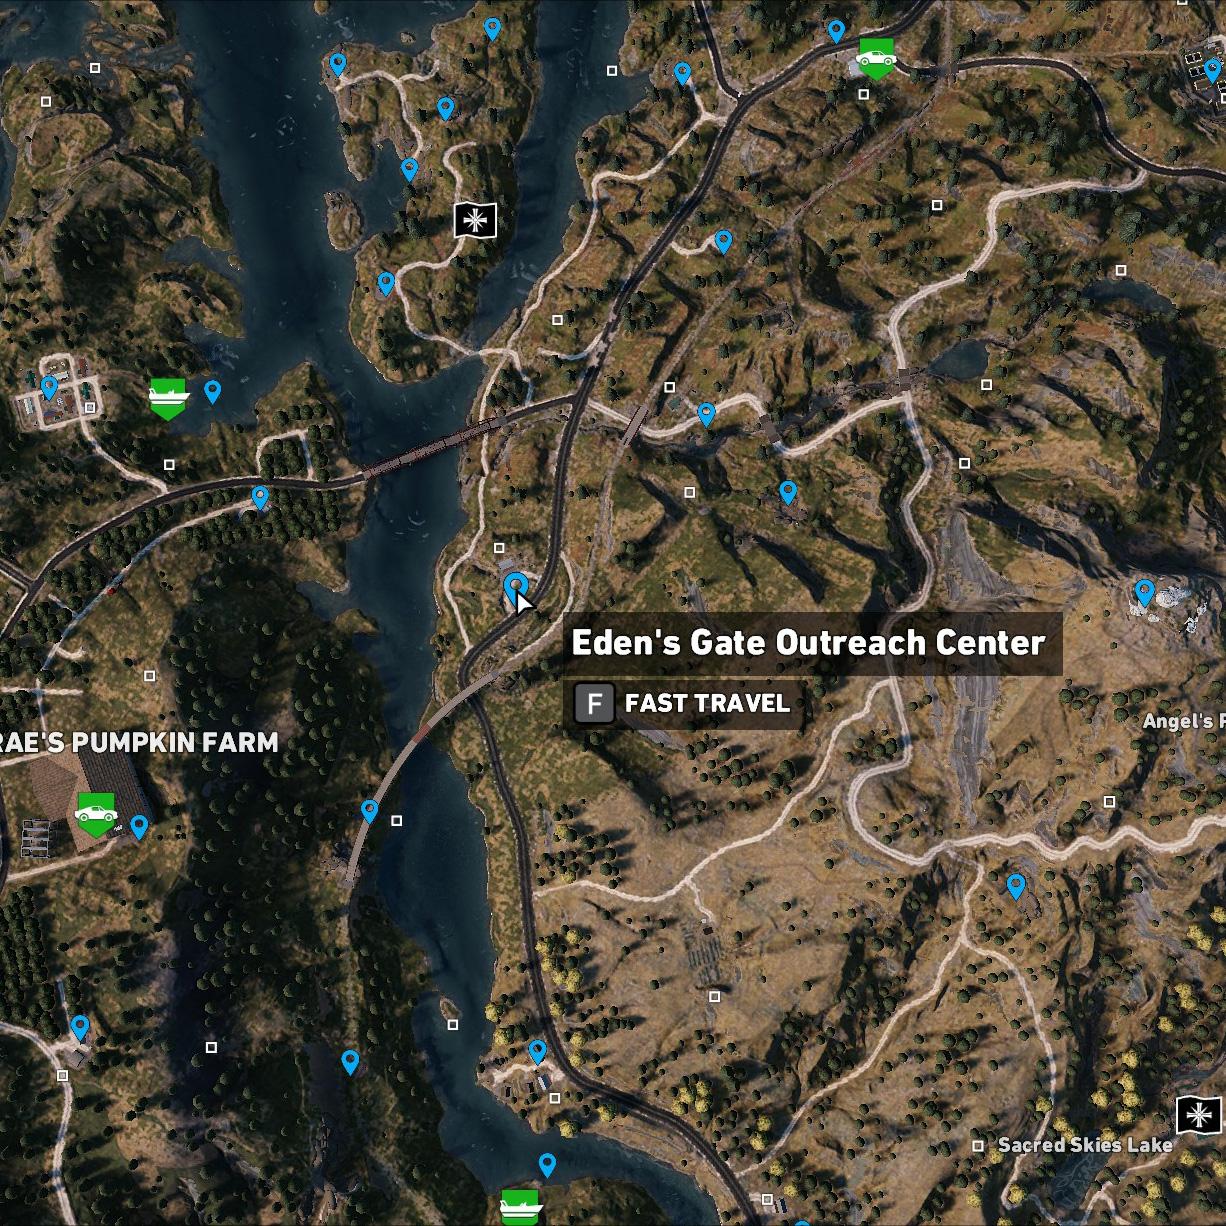 Eden's Gate Outreach Center